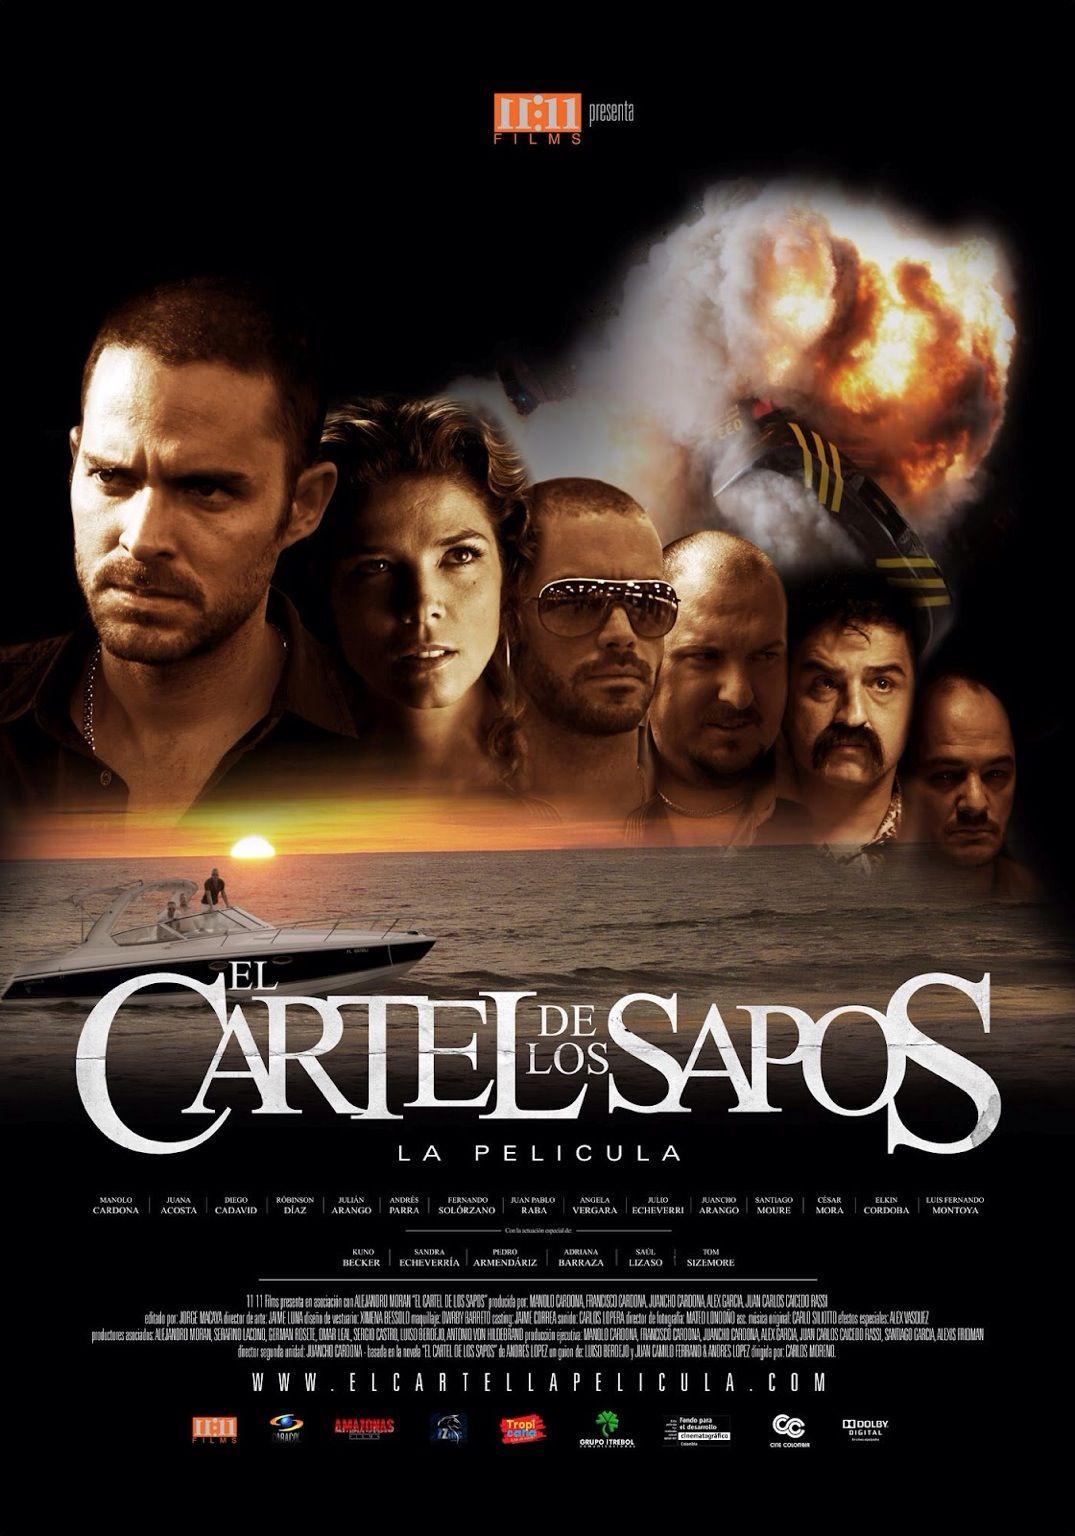 El Cartel De Los Sapos Filmes Completos Assistir Filme Completo